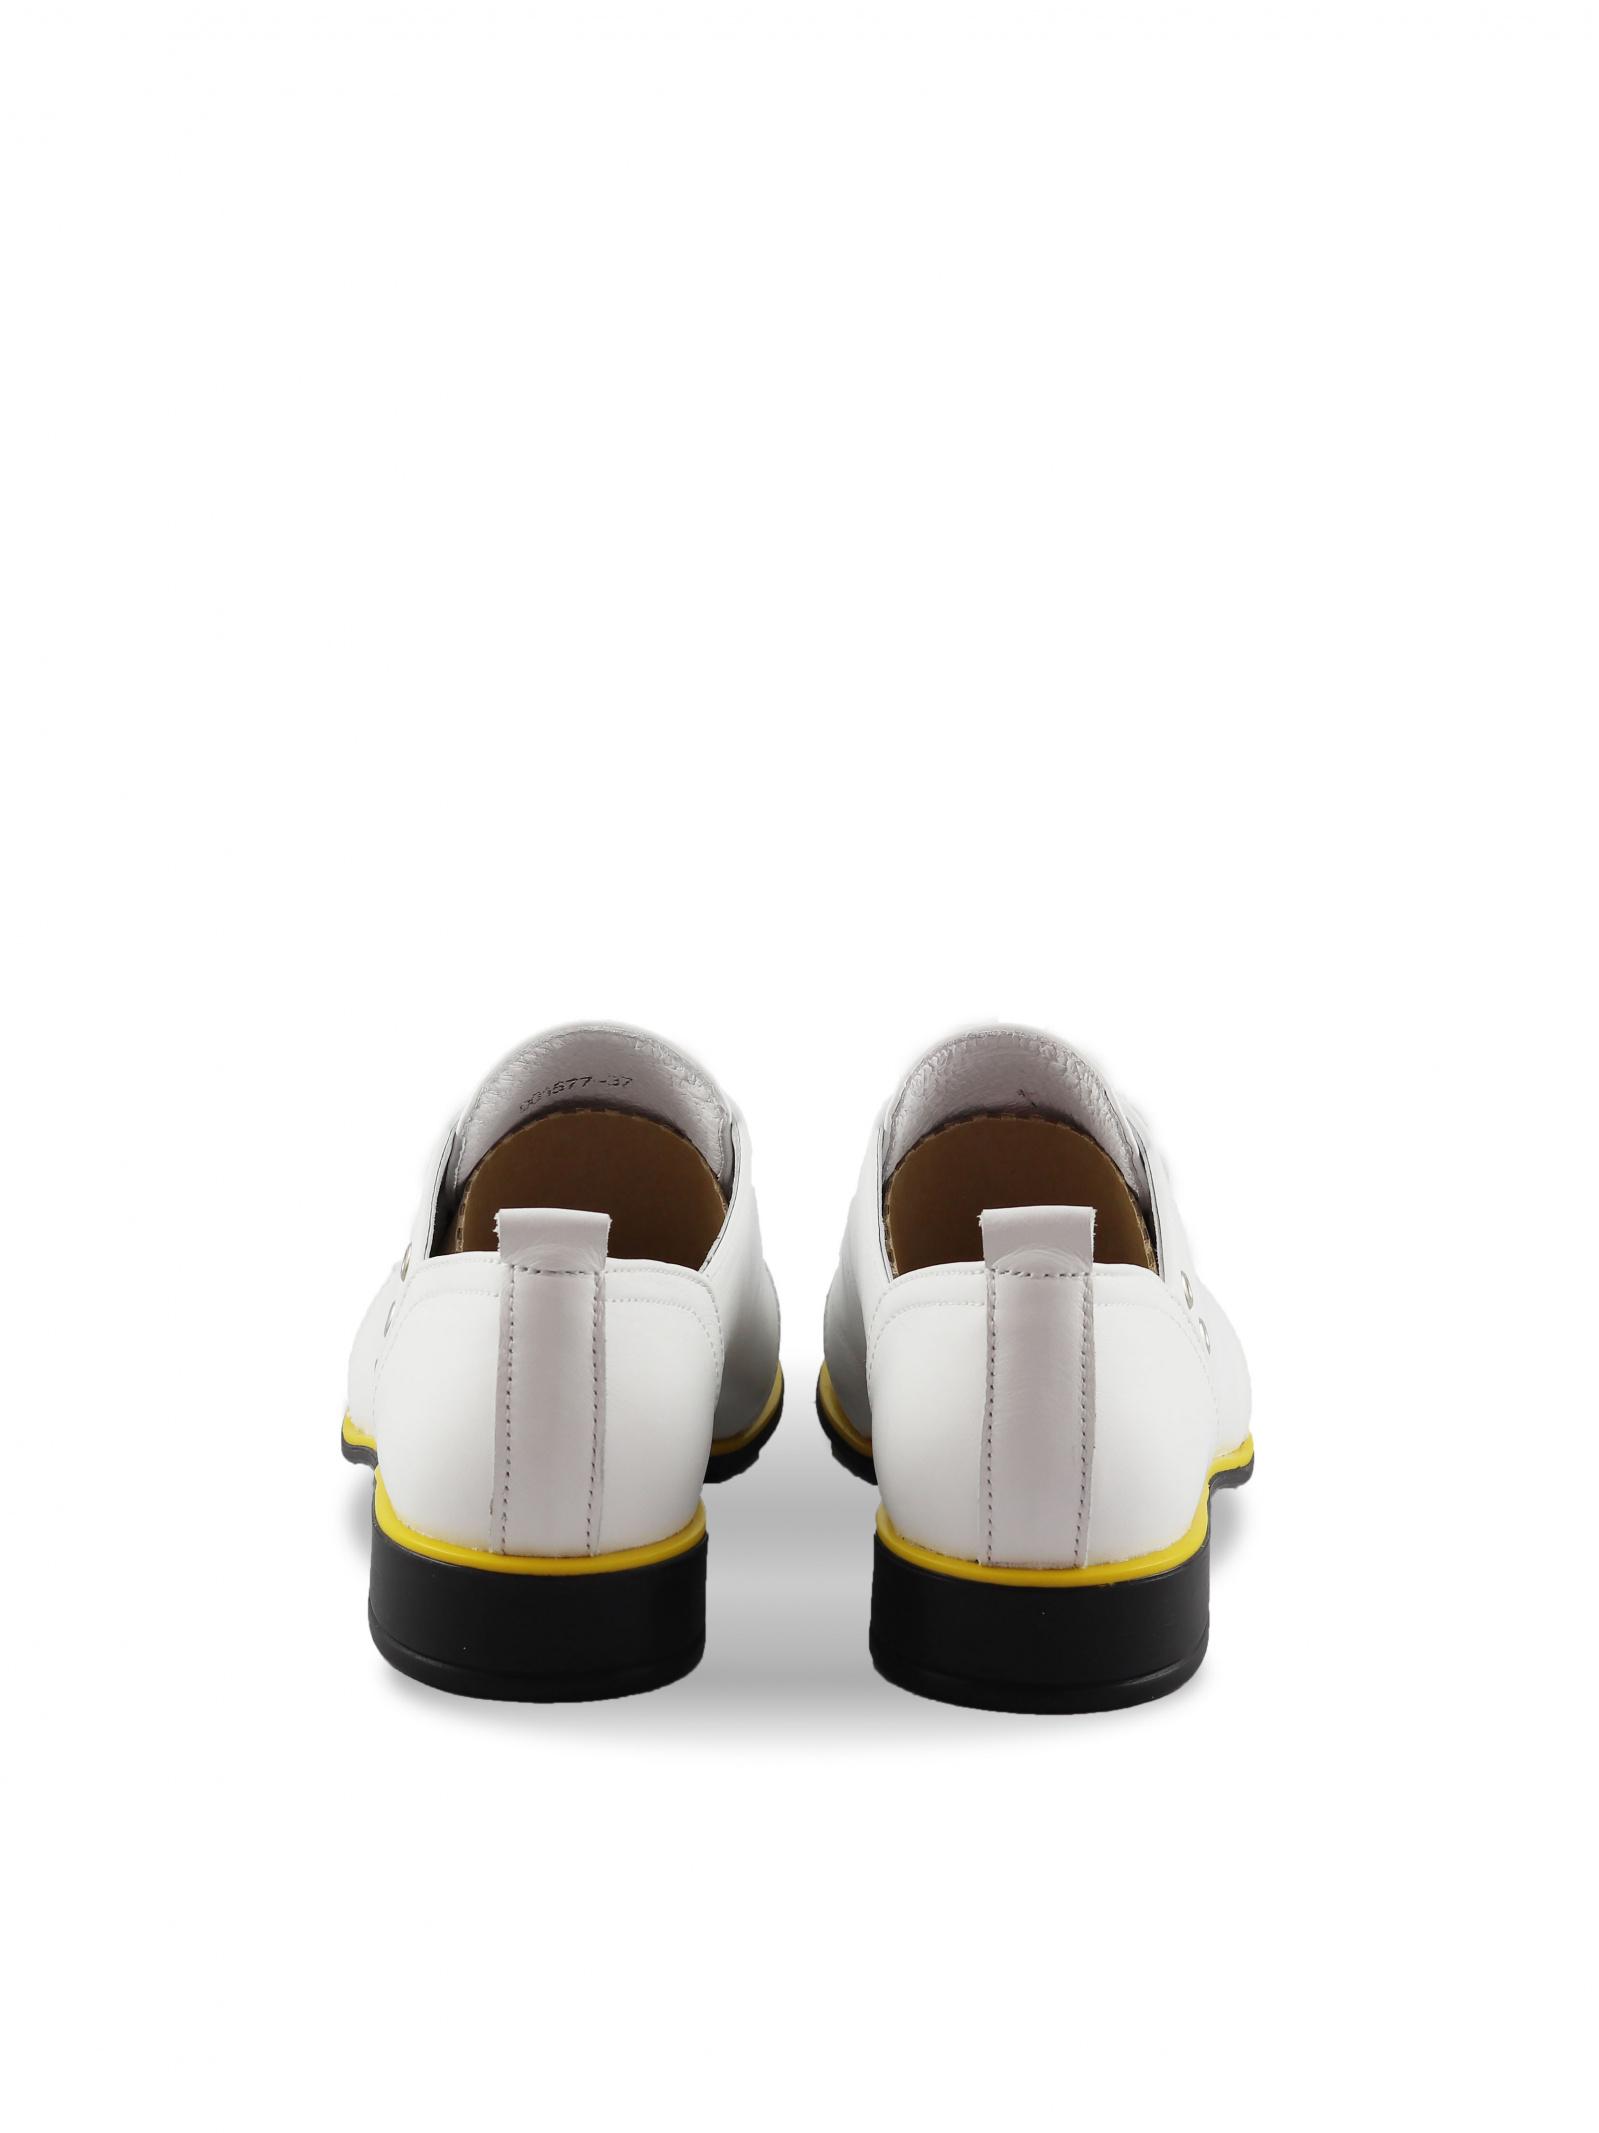 Туфлі  для жінок Wings 0057704 розмірна сітка взуття, 2017